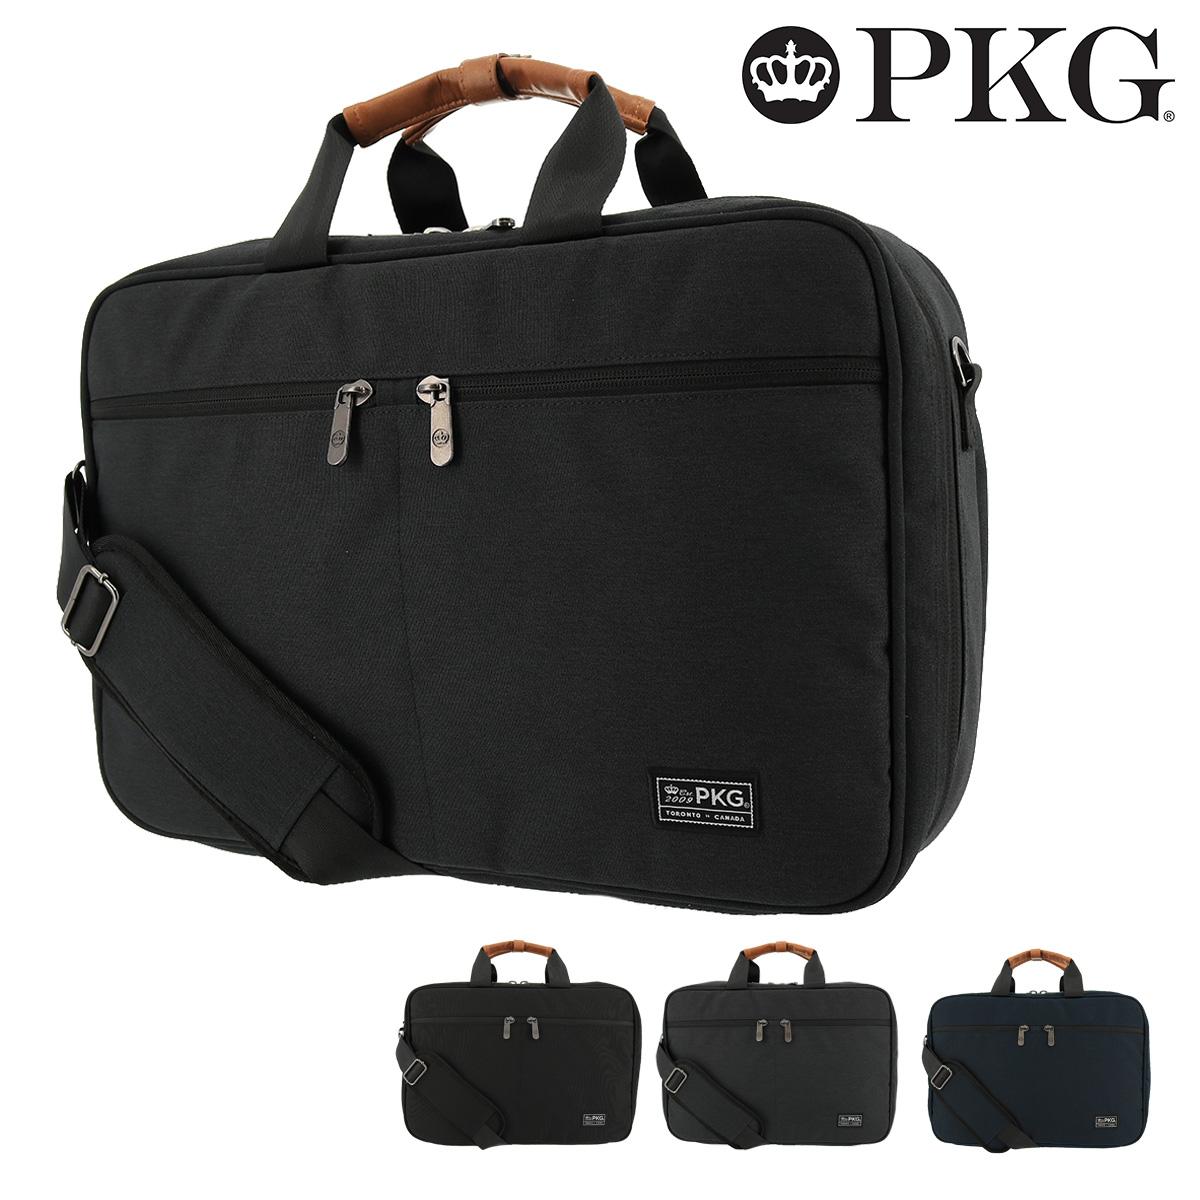 ピーケージー ブリーフケース 3WAY ピアソン メンズ レディース 19PE PKG PEARSON | ビジネスバッグ ショルダーベルト付き 20L 16インチ ナイロン 防水 撥水 [bef]